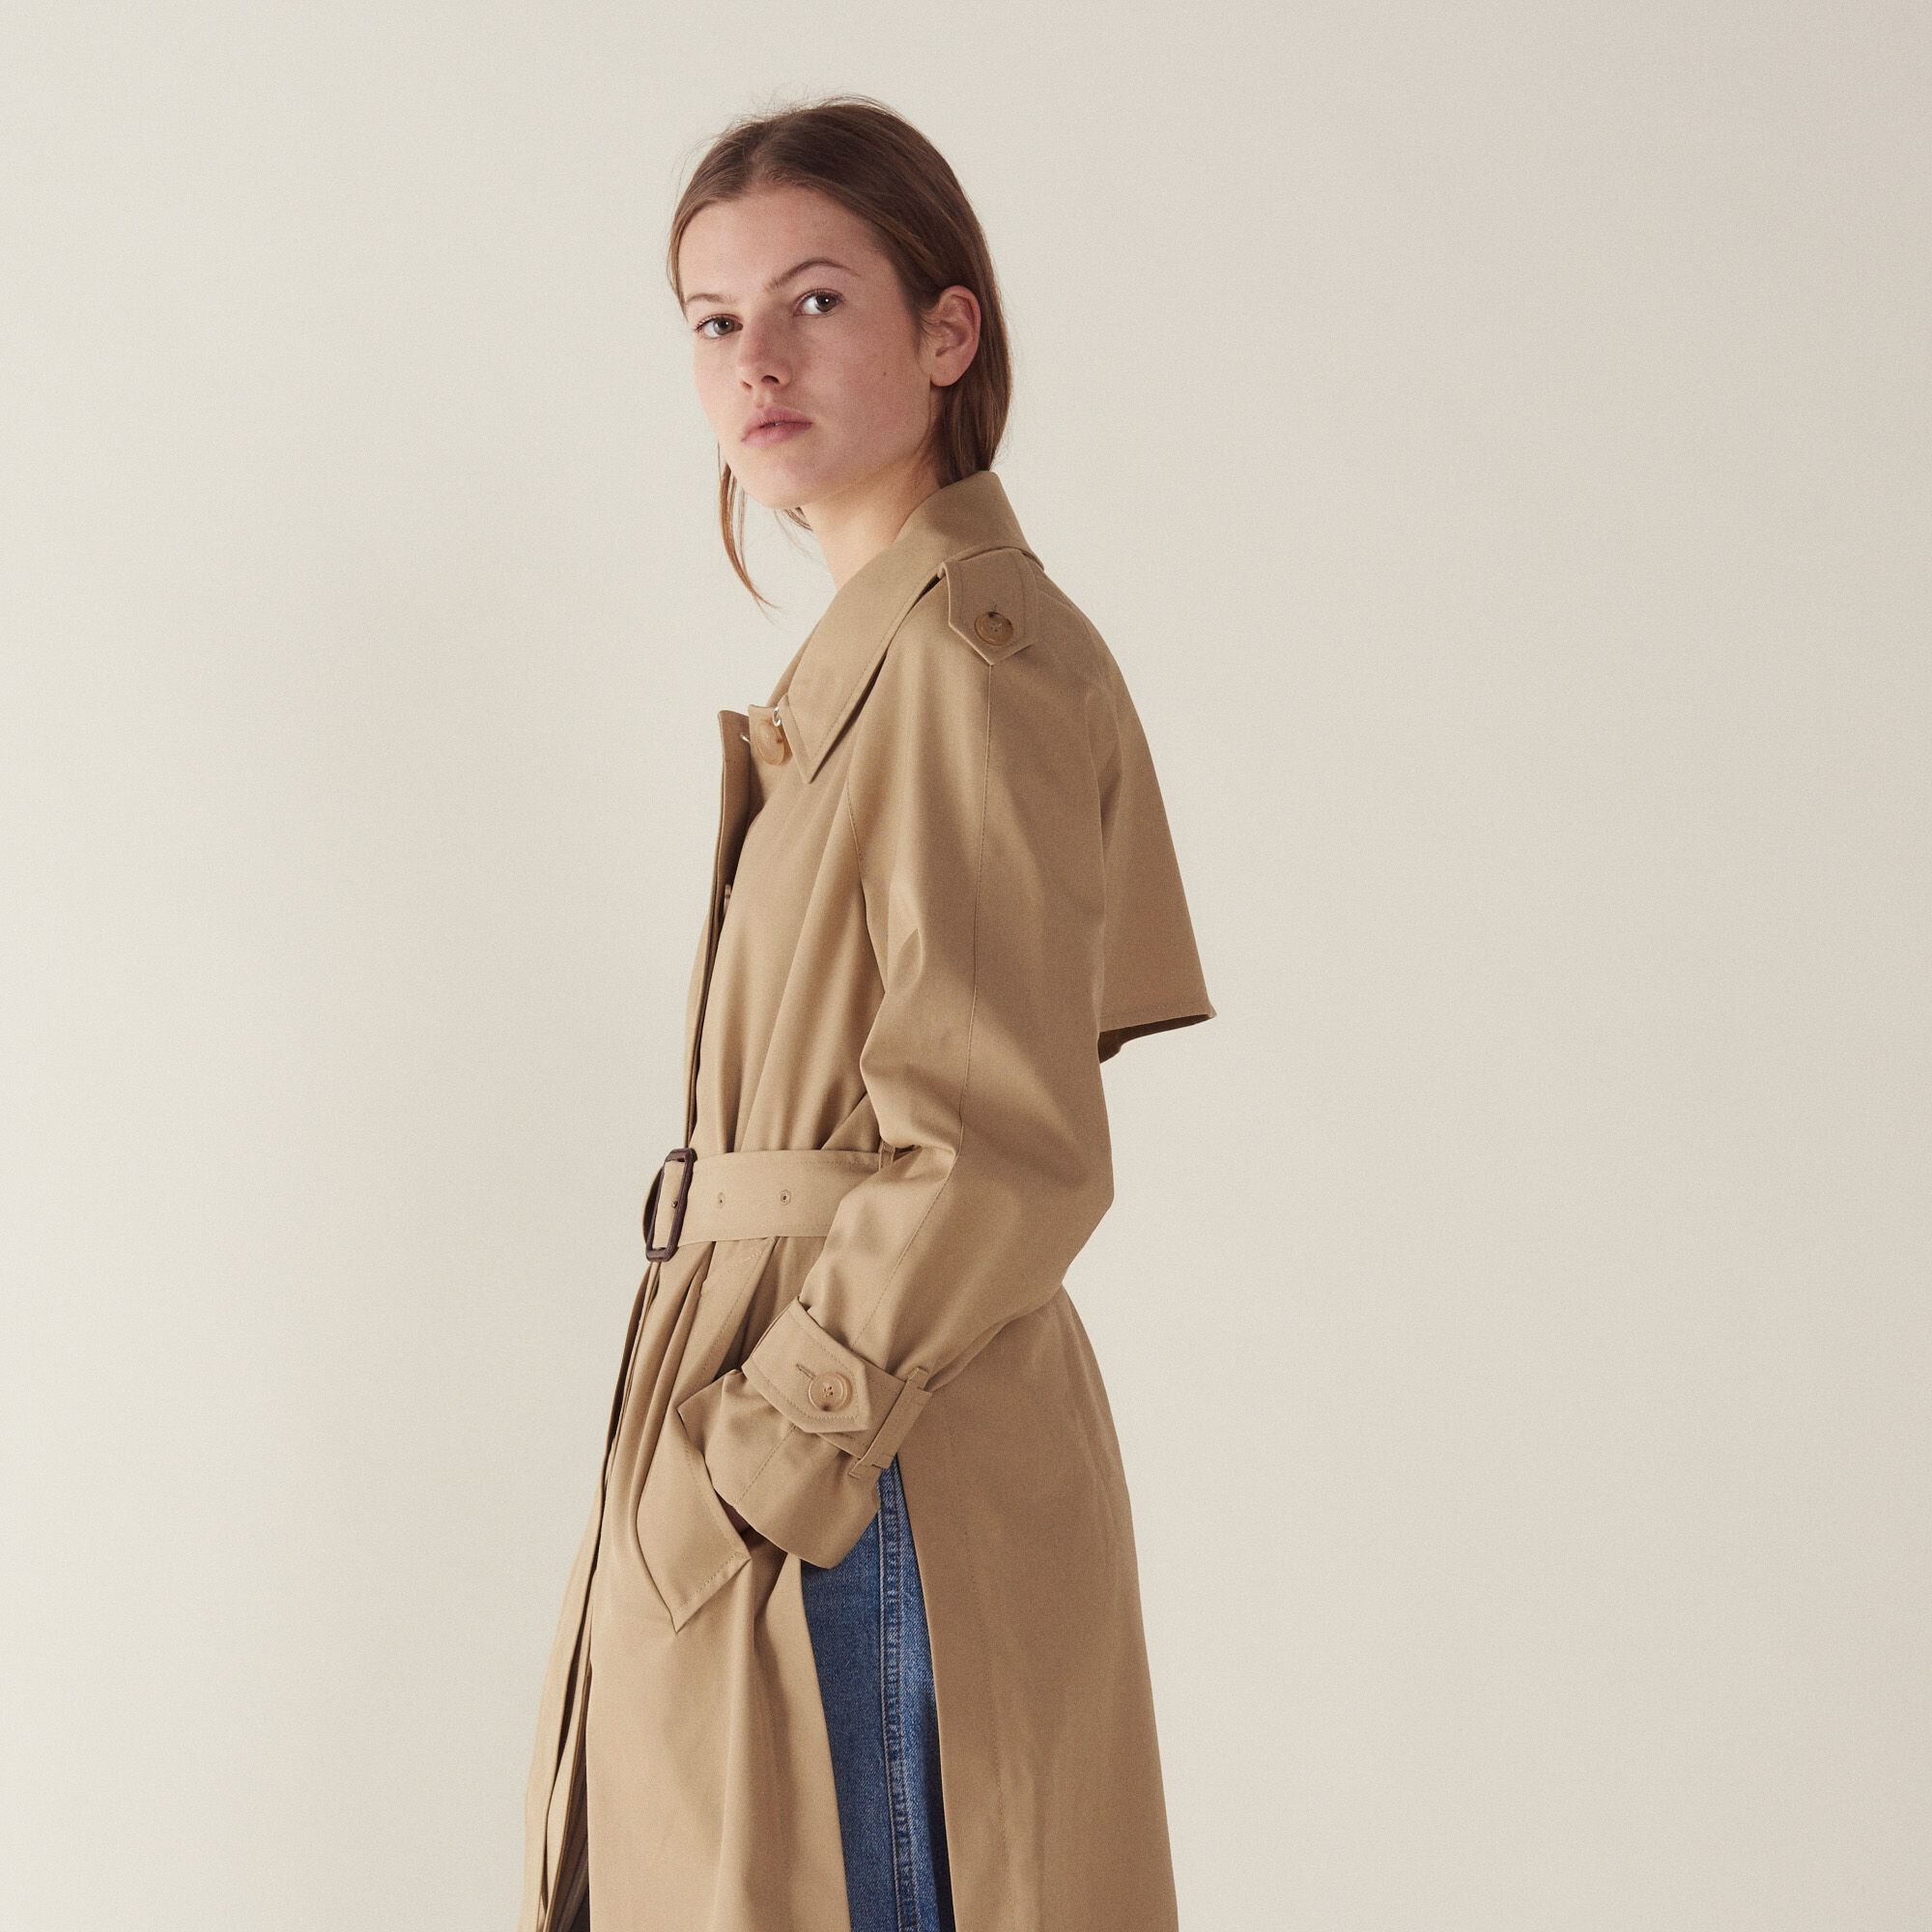 Manteaux vestes pret pour partir